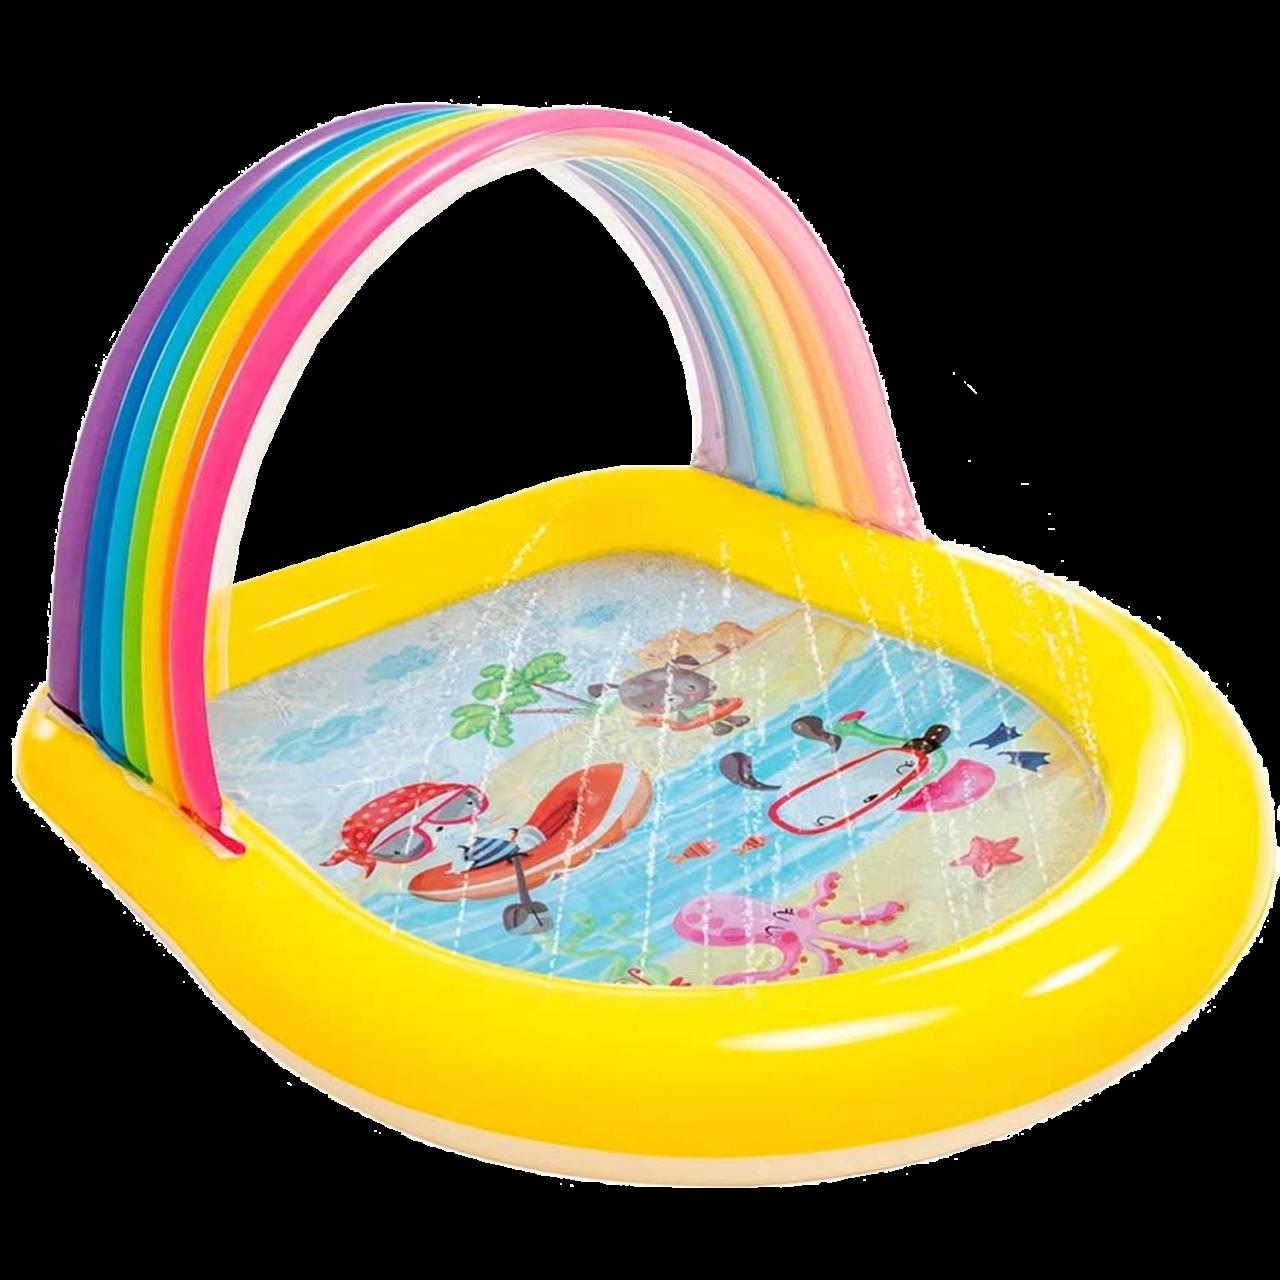 Intex Aufblasbares Planschbecken Regenbogen 147x130x86 cm 57156 aufblasbar